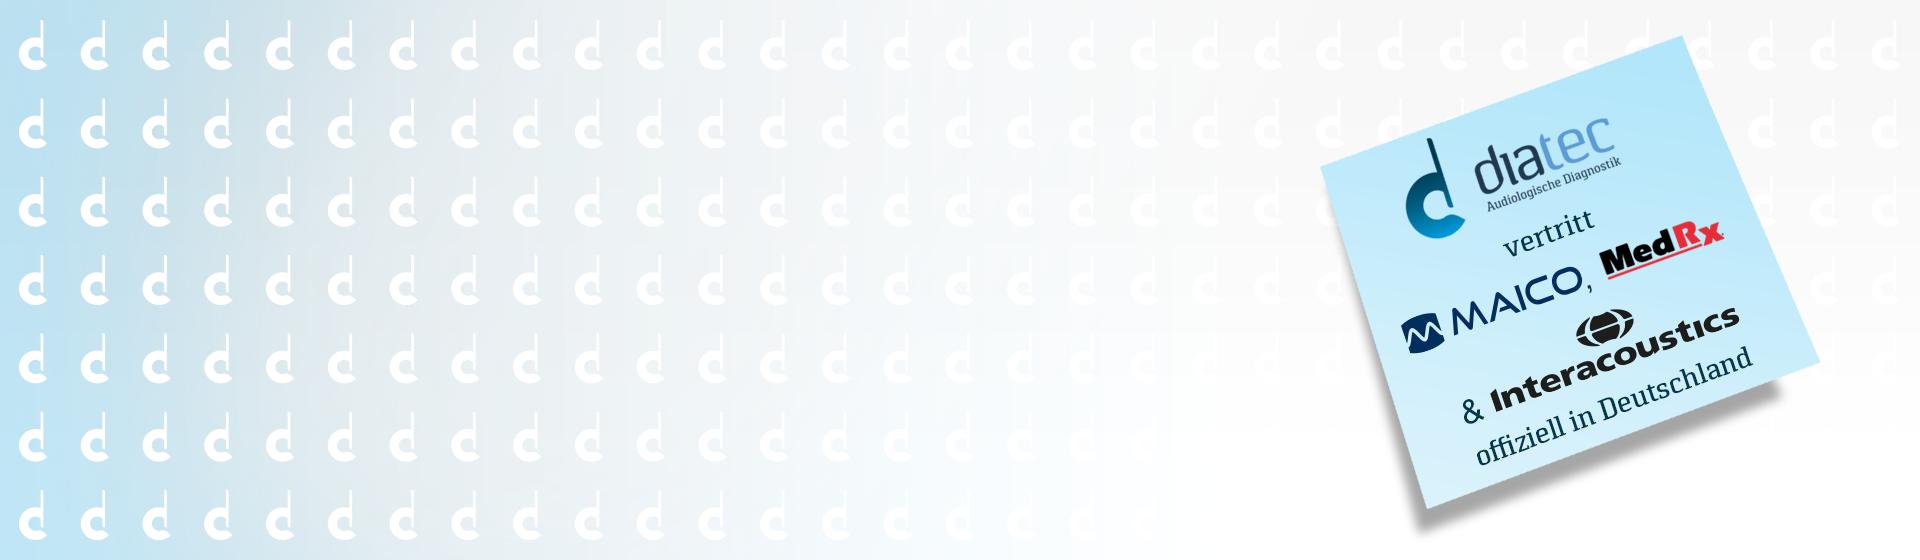 Diatec vertritt MAICO, Interacoustics und MedRx in Deutschland